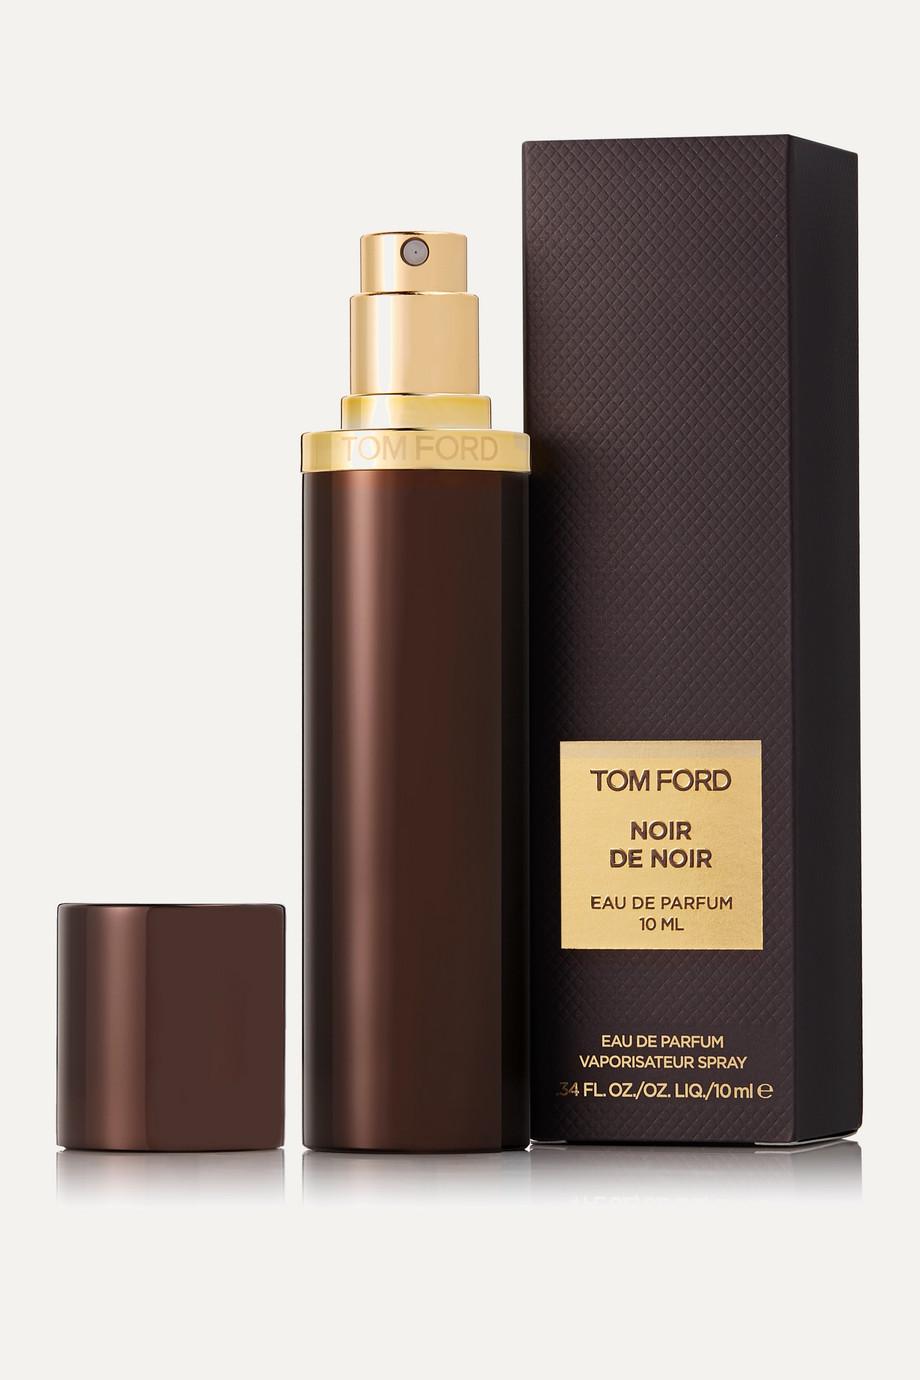 TOM FORD BEAUTY Noir de Noir Eau de Parfum, 10ml